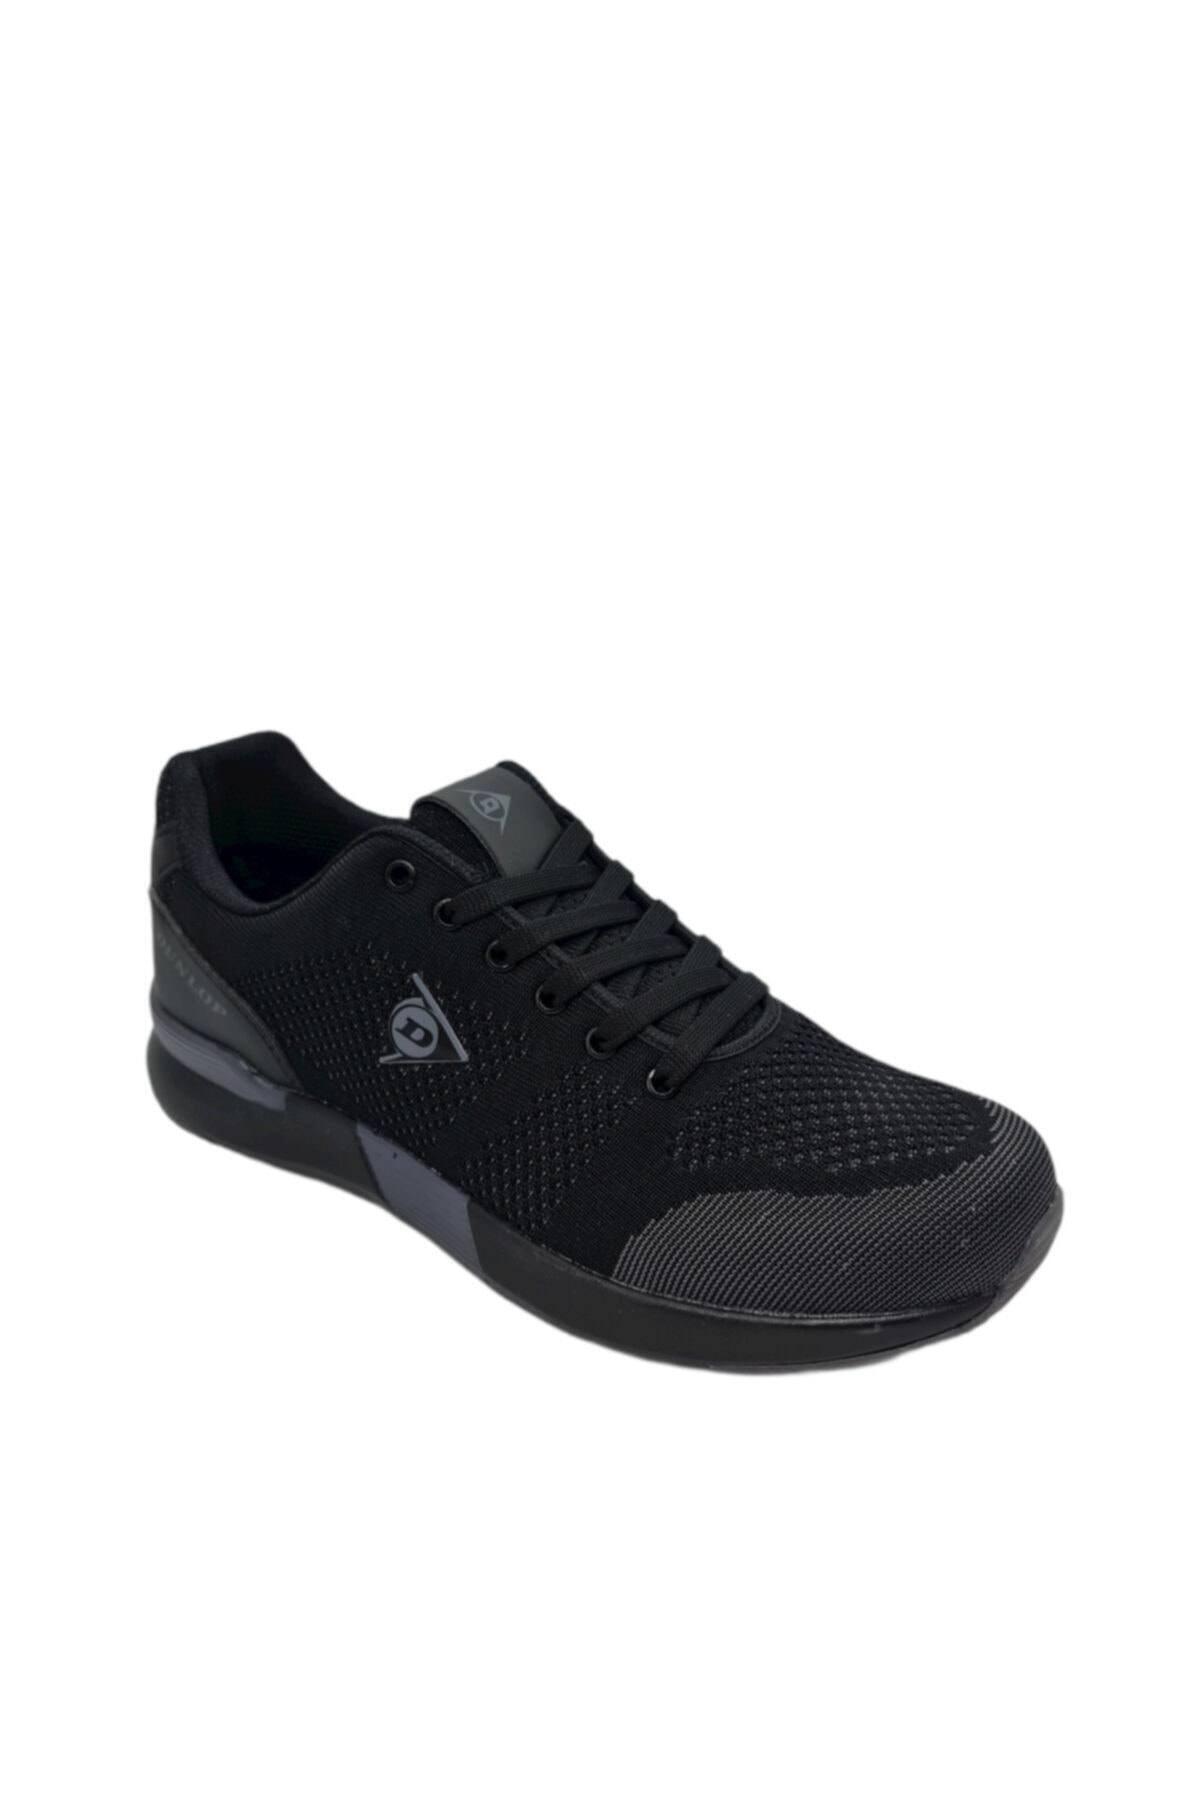 فروش انلاین کفش کوهنوردی مردانه مجلسی برند DUNLOP رنگ مشکی کد ty90552531